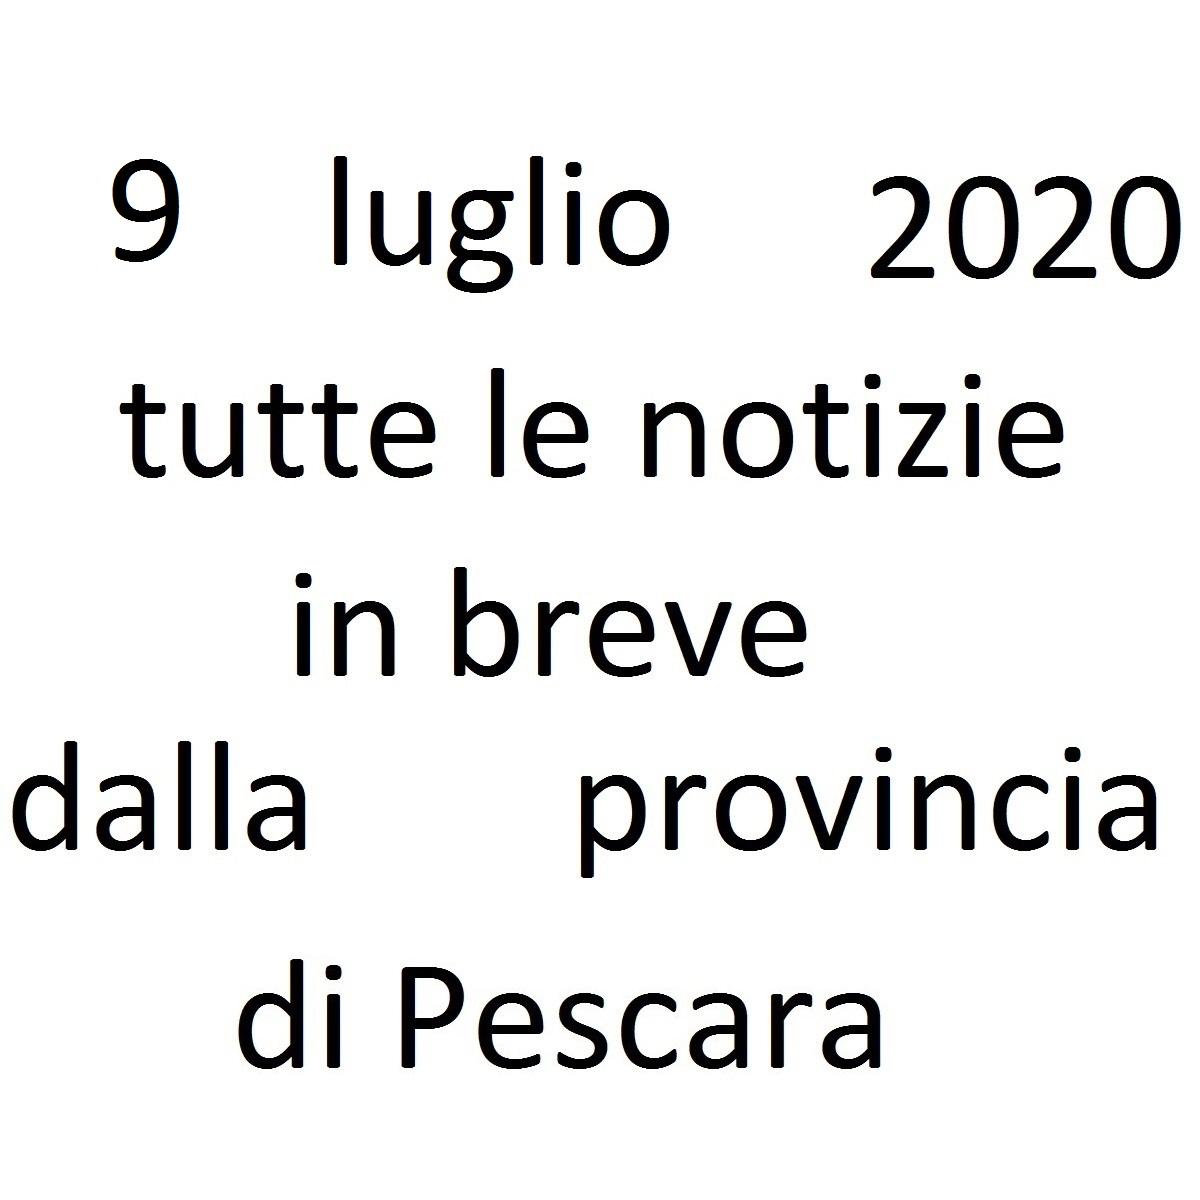 9 luglio 2020 notizie in breve dalla Provincia di Pescara foto